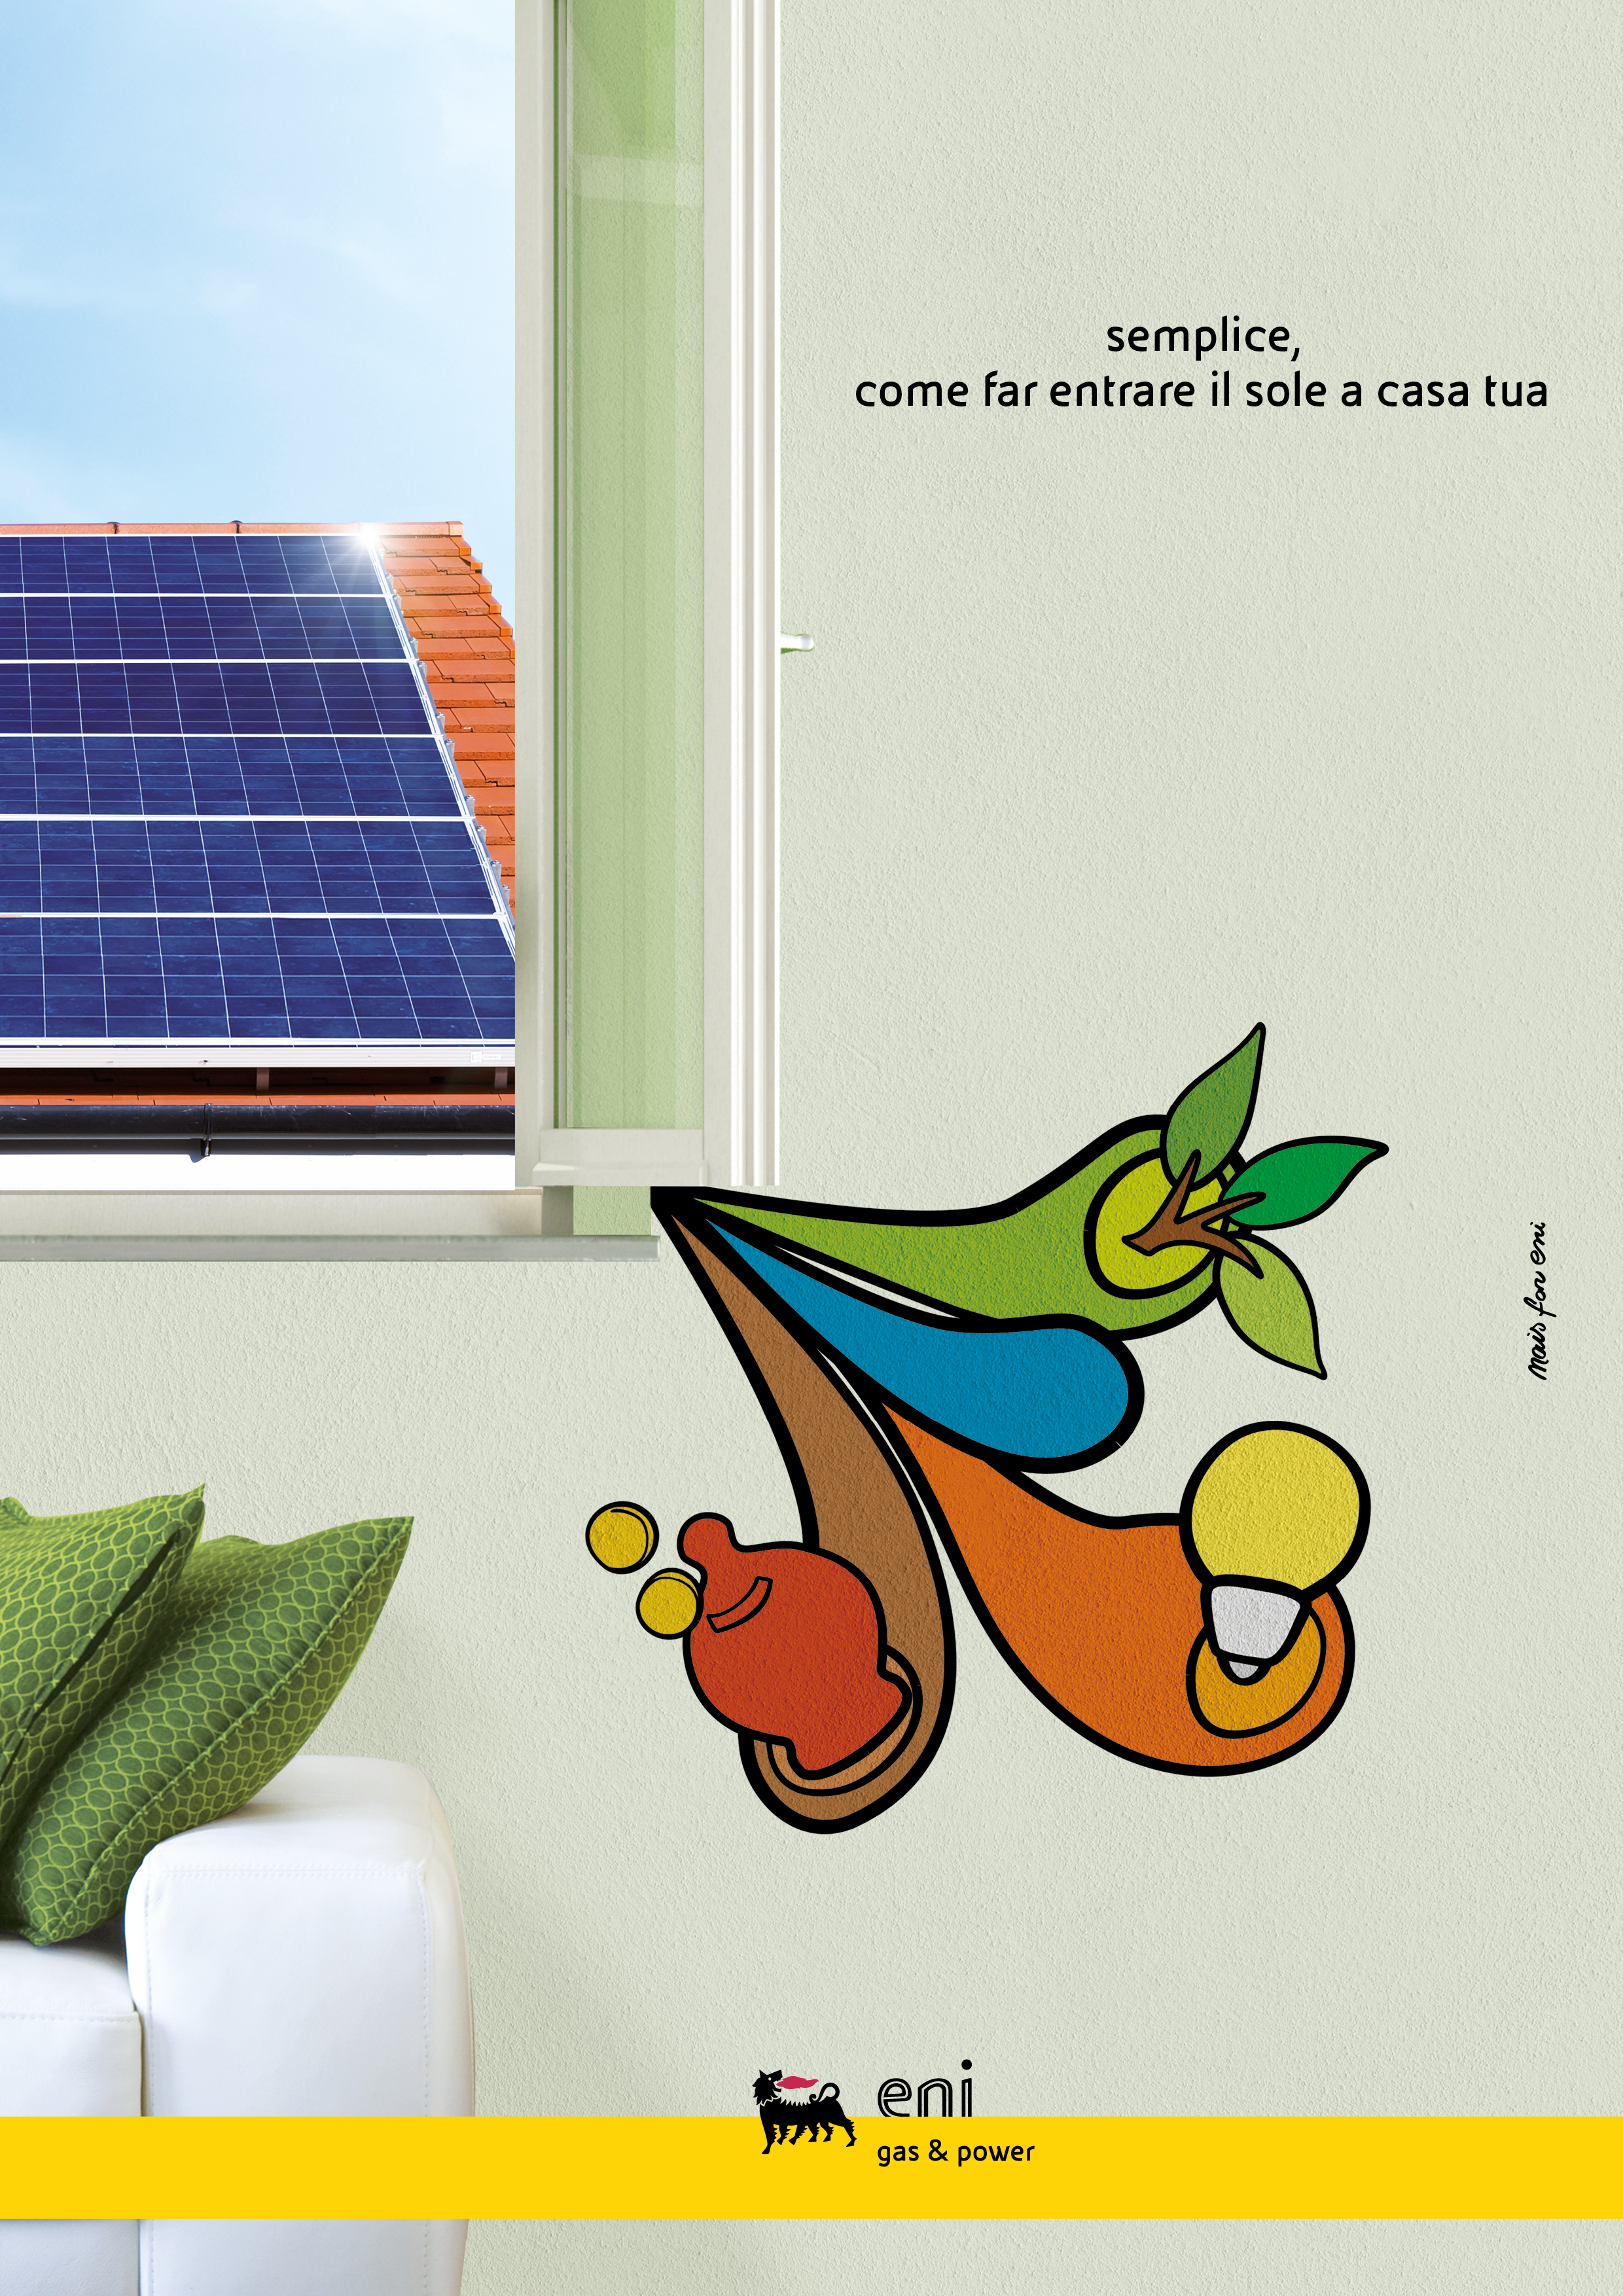 Grafica coordinata meeting fotovoltaico ENI